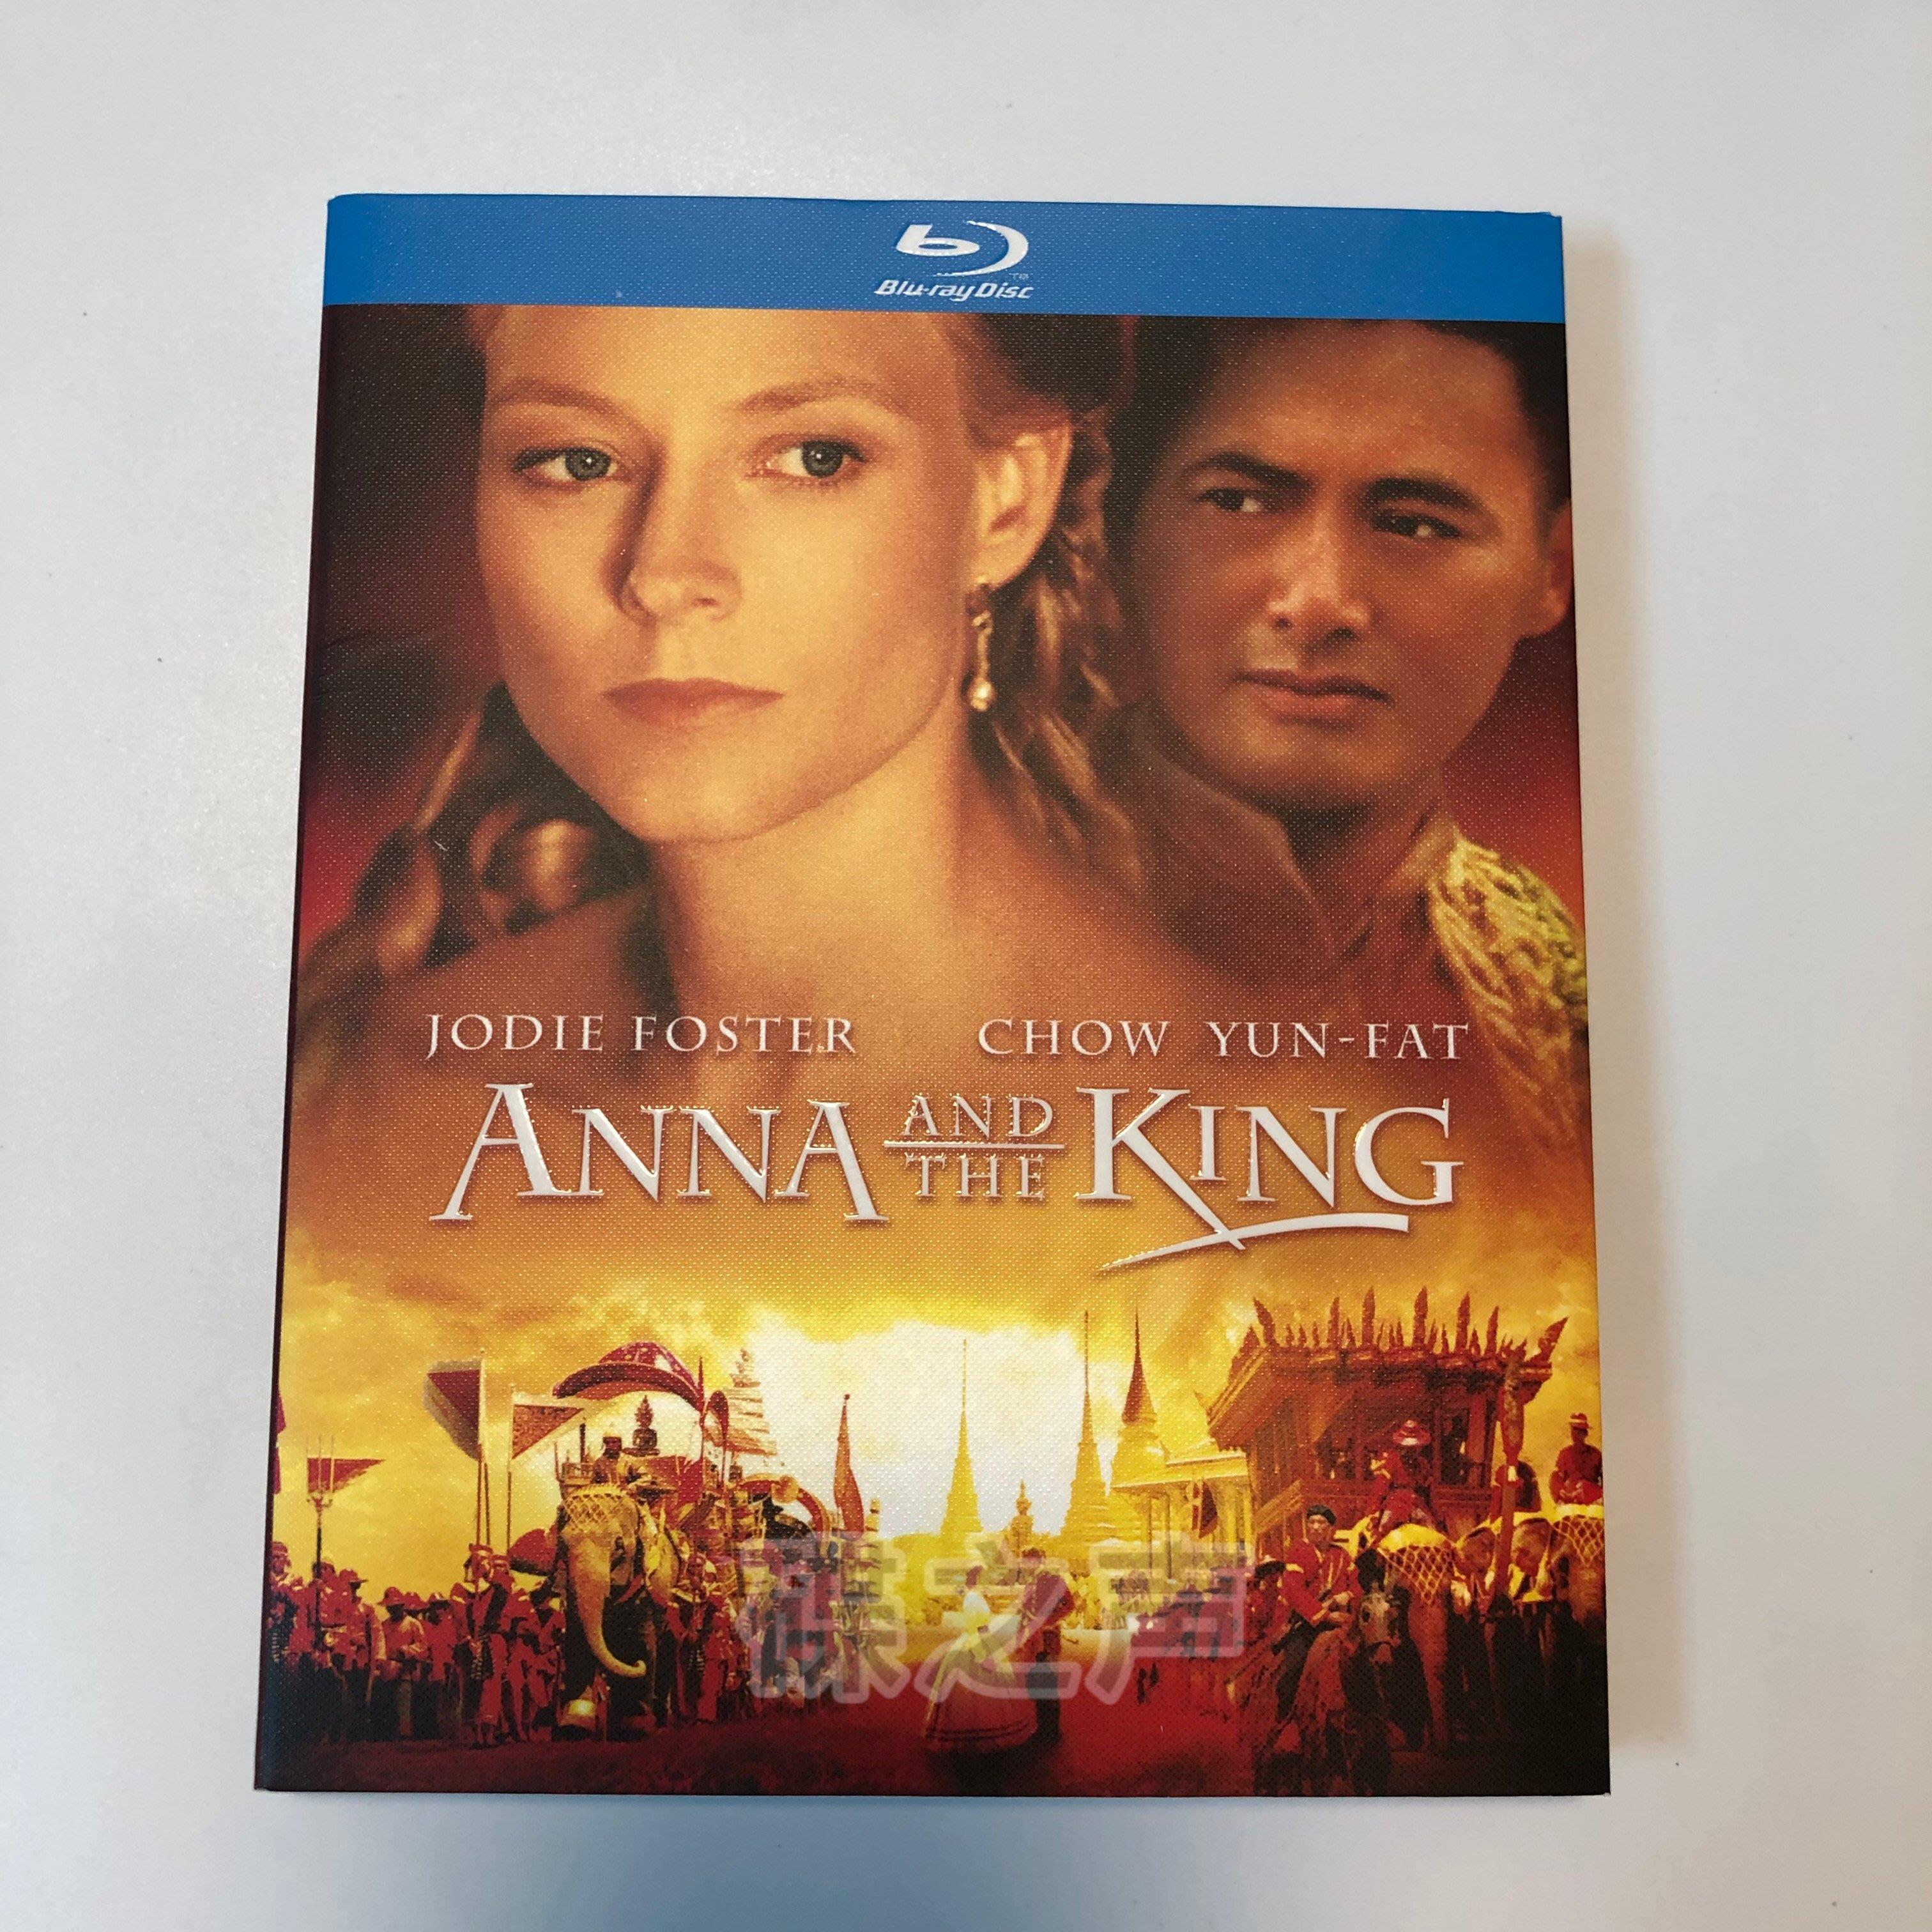 安娜與國王 奧斯卡電影 周潤發 藍光碟BD高清1080P盒裝收藏版